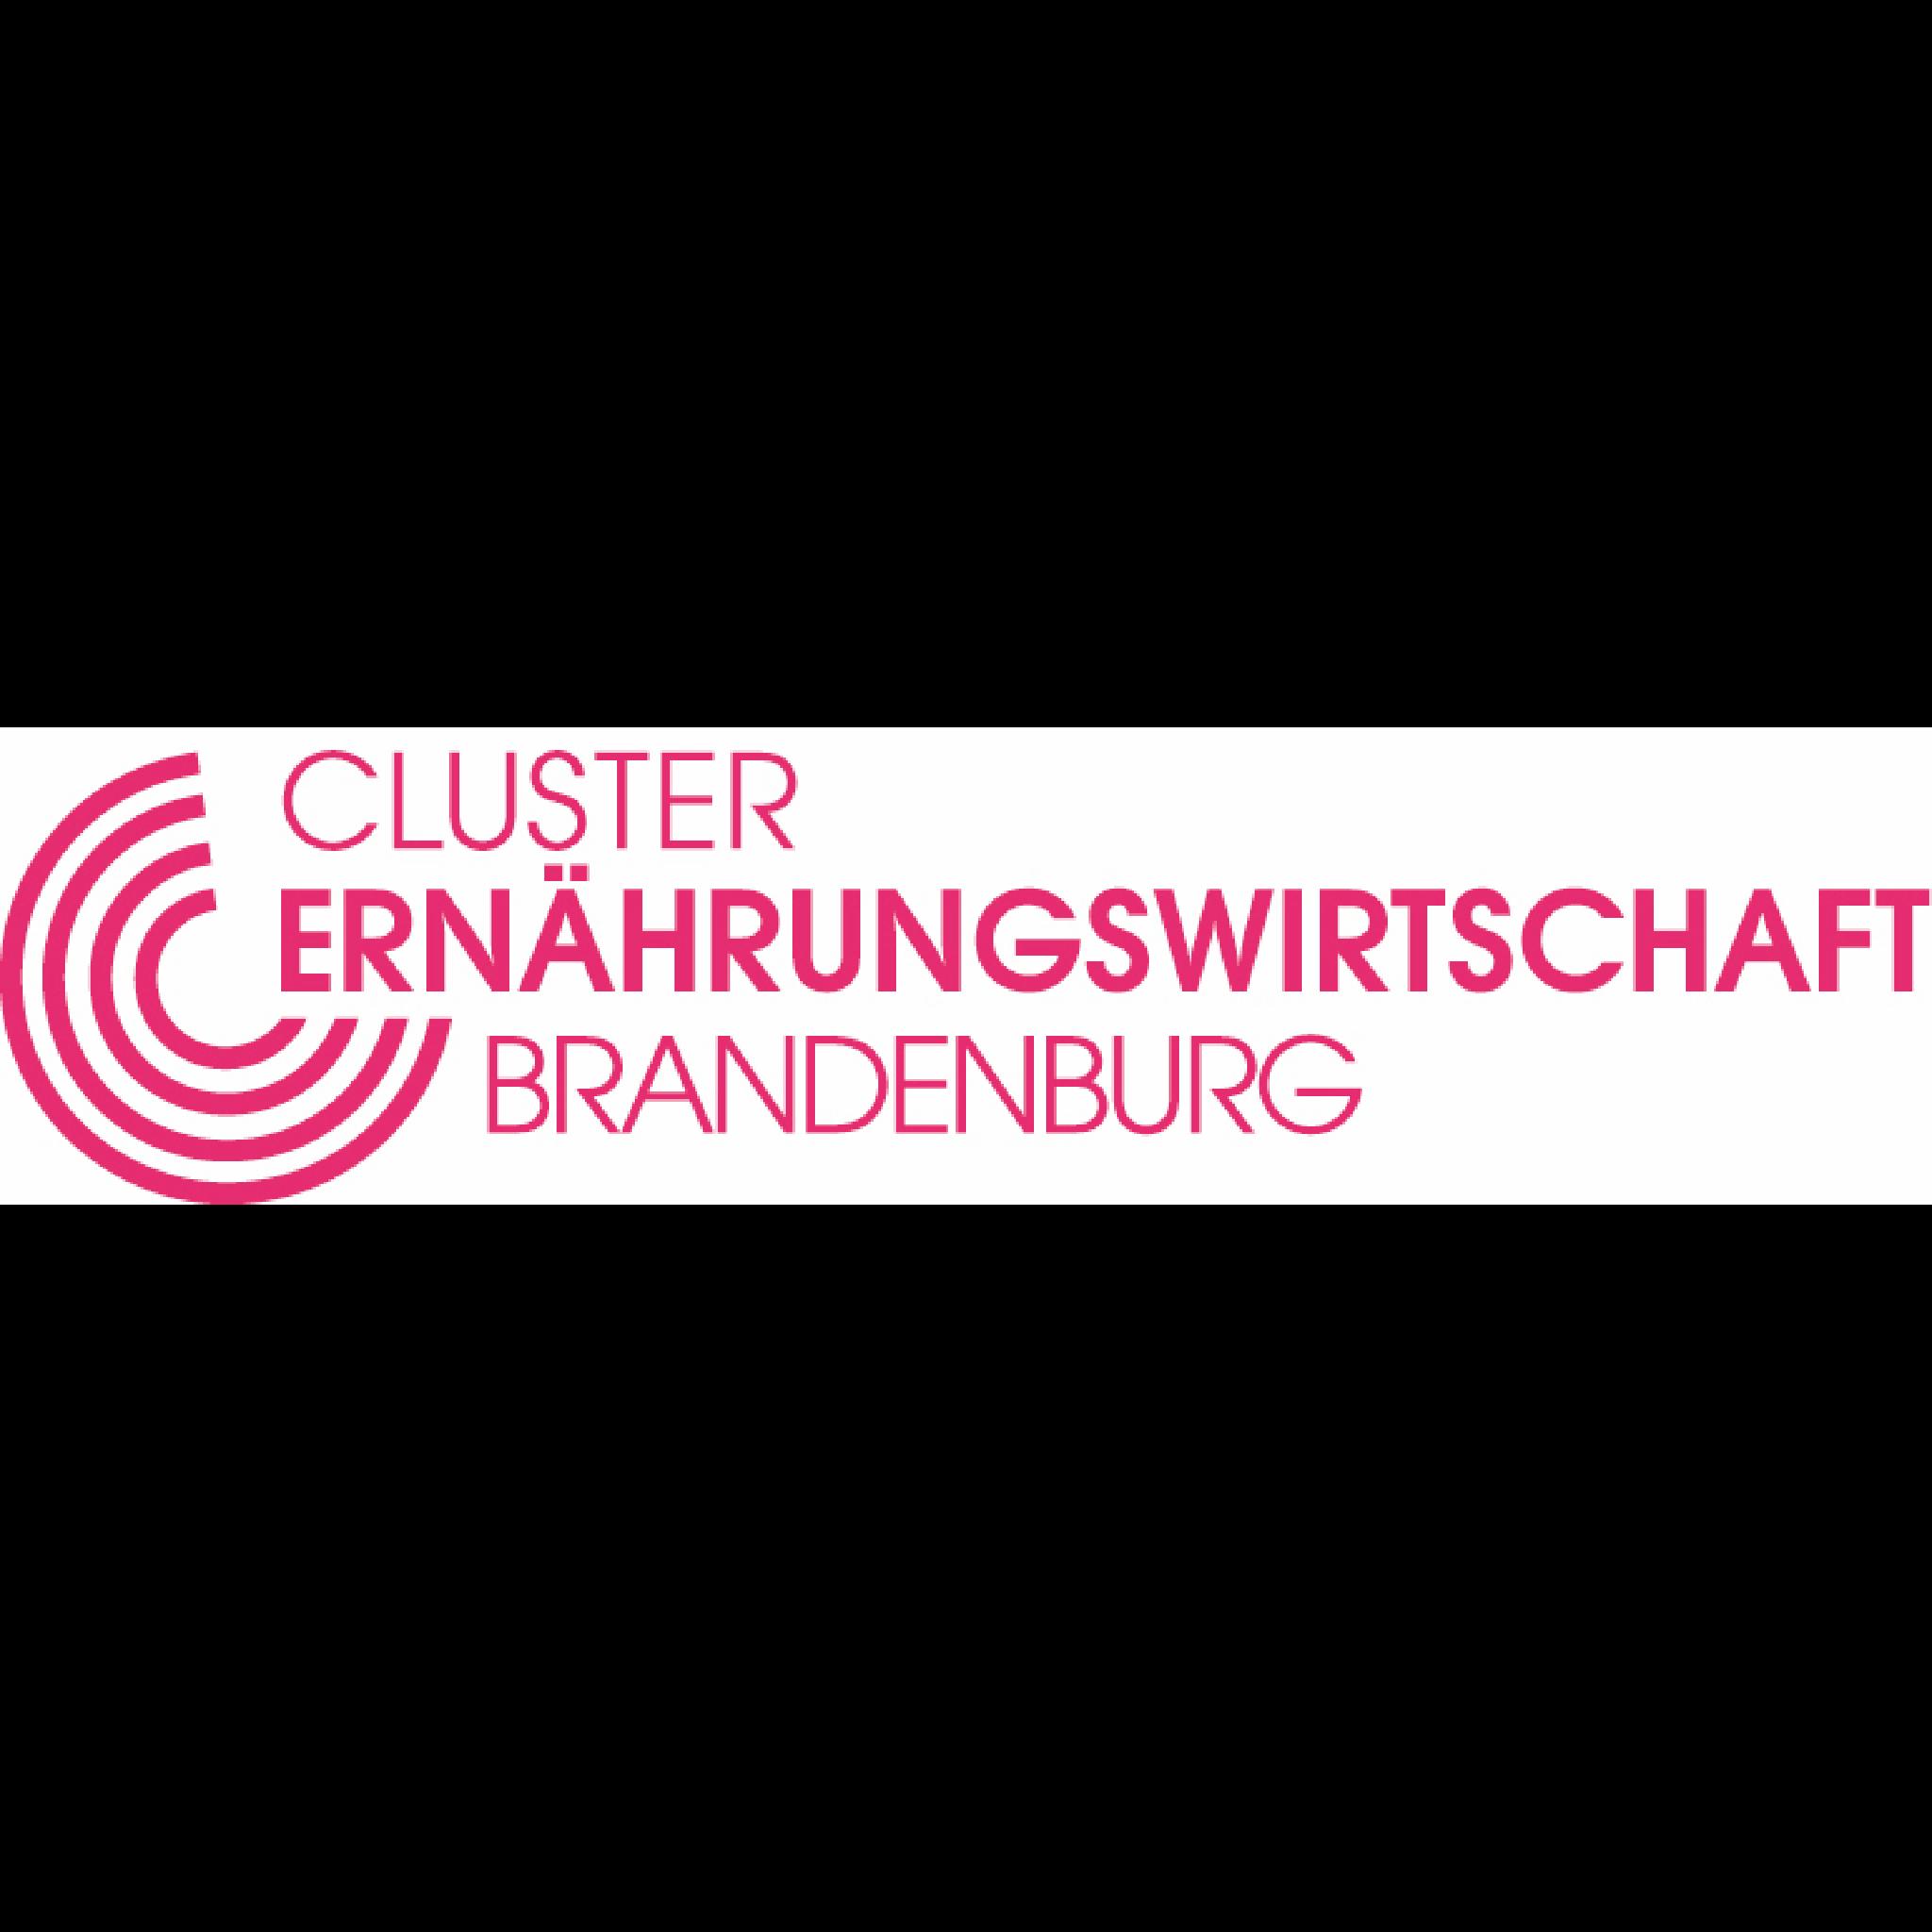 Cluster Ernährungswirtschaft Brandenburg